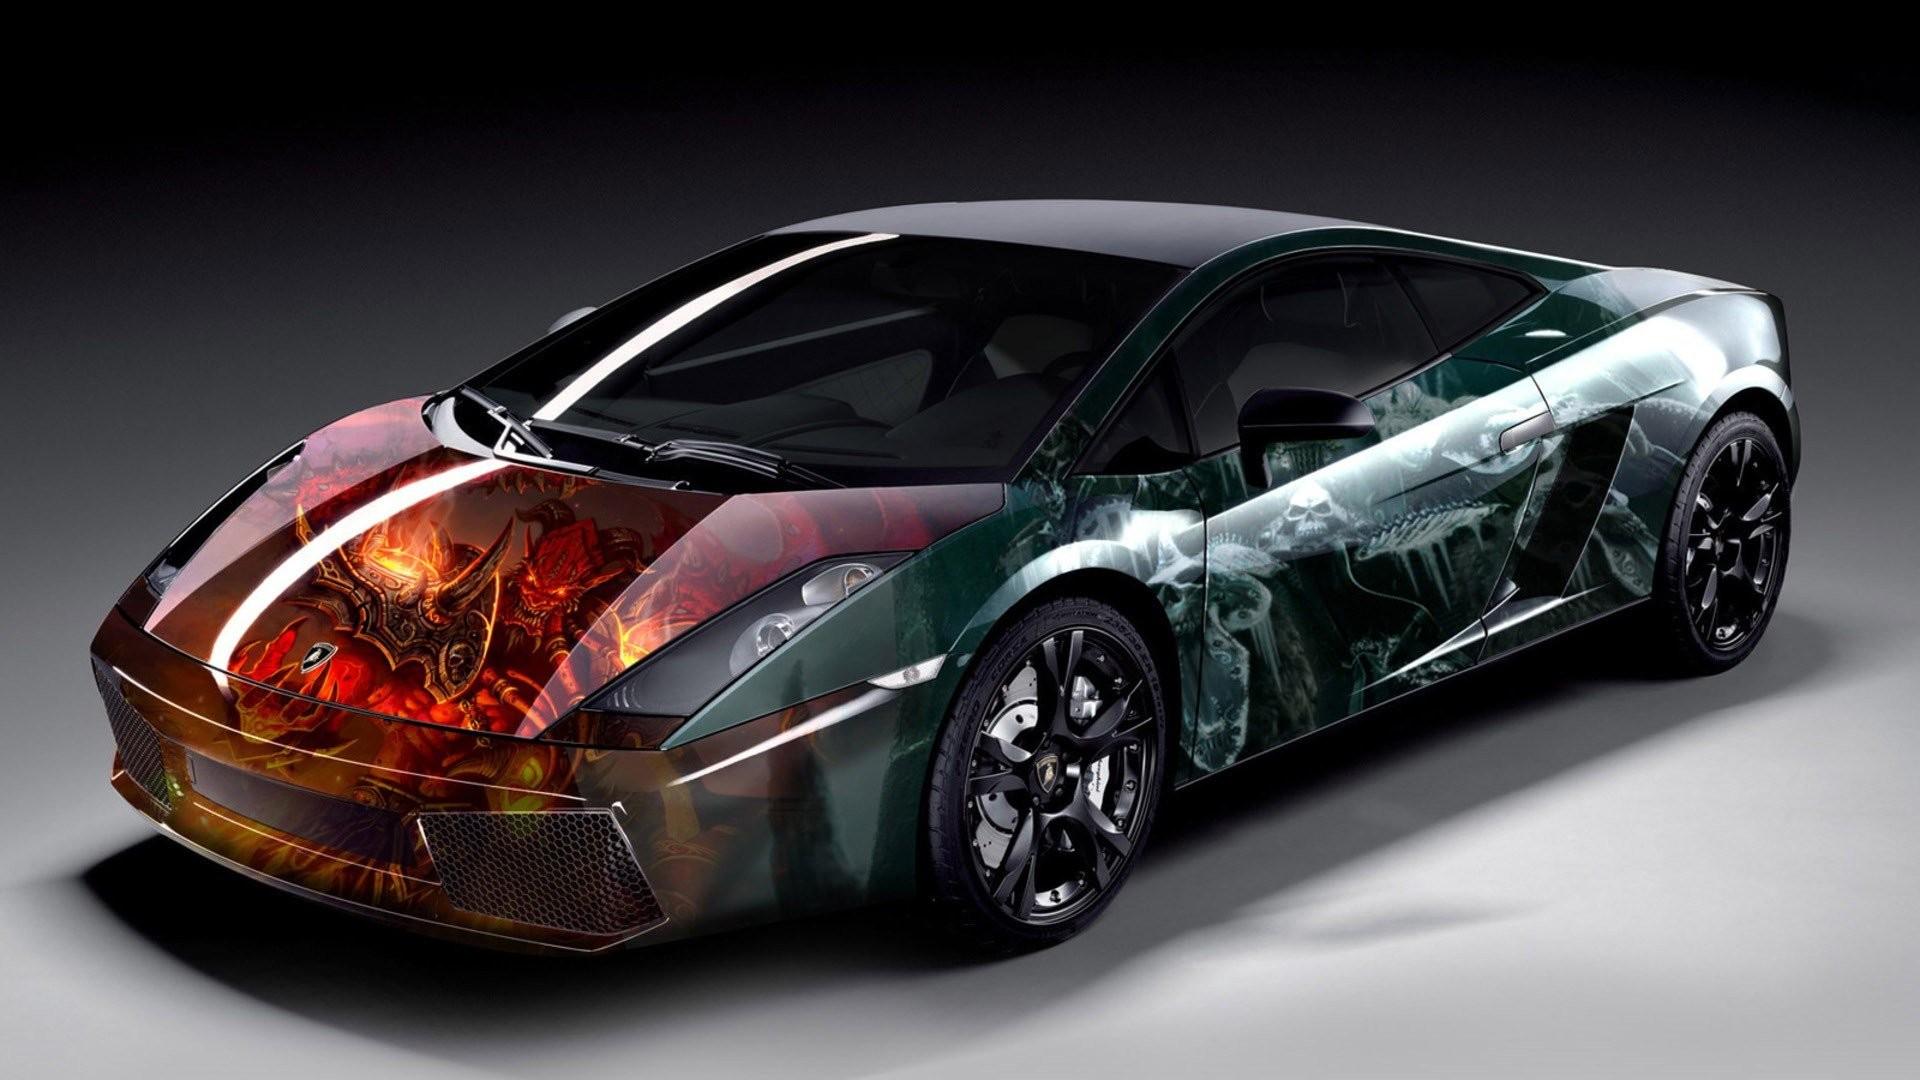 Wallpaper Mobil Sport Lamborghini: Wallpapers Of Lamborghini Car (73+ Images